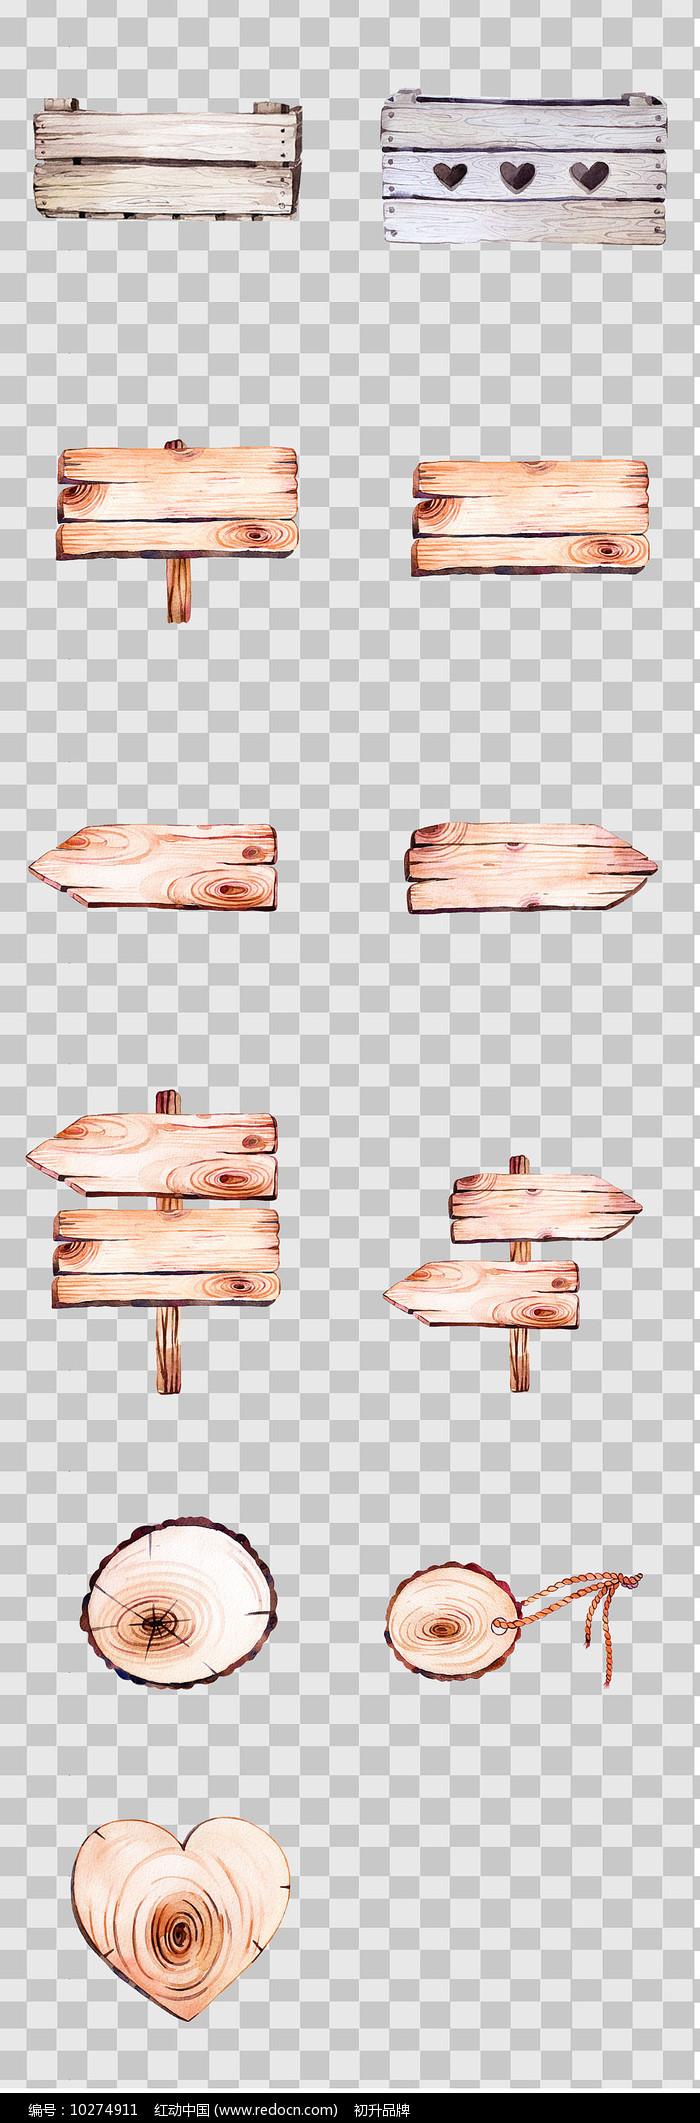 手绘木纹素材图片